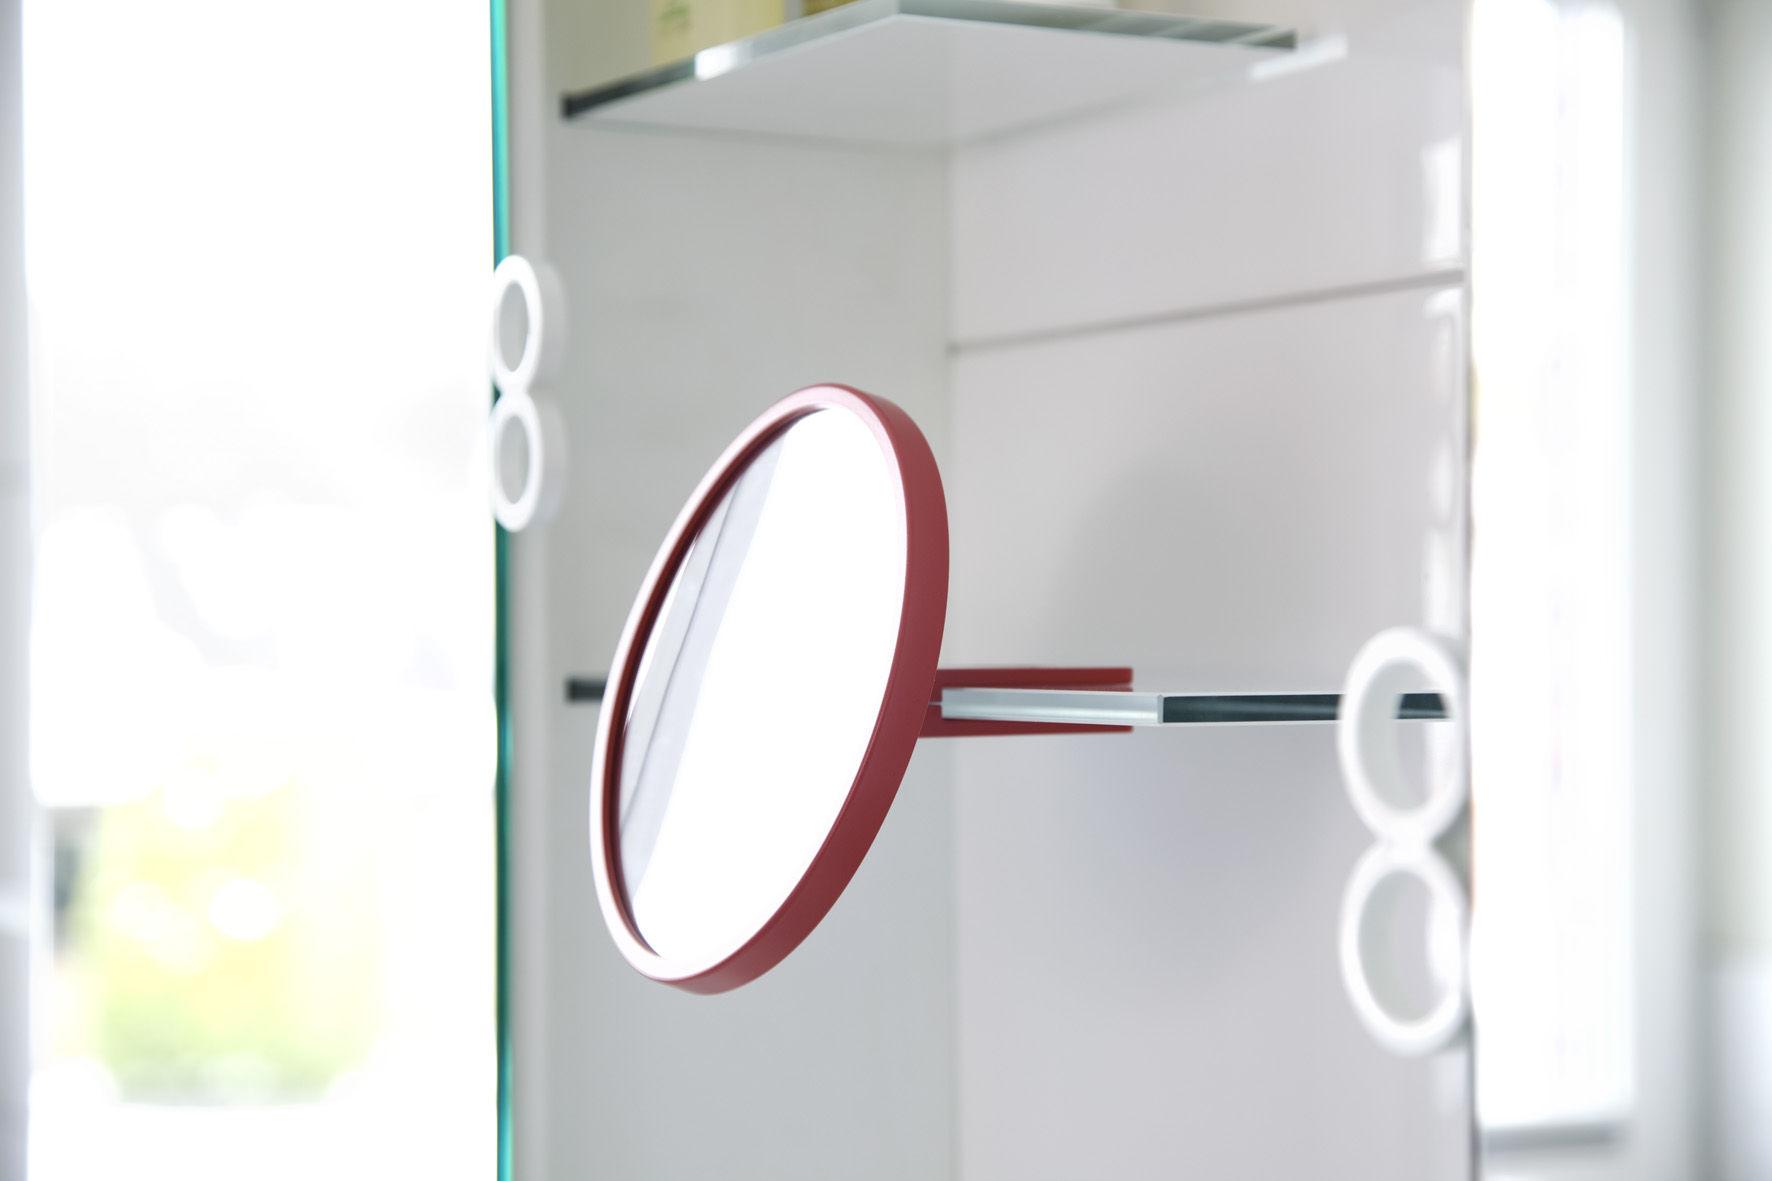 Kali specchio da appoggiare d 39 ingrandimento rosso - Specchio ingrandimento ...